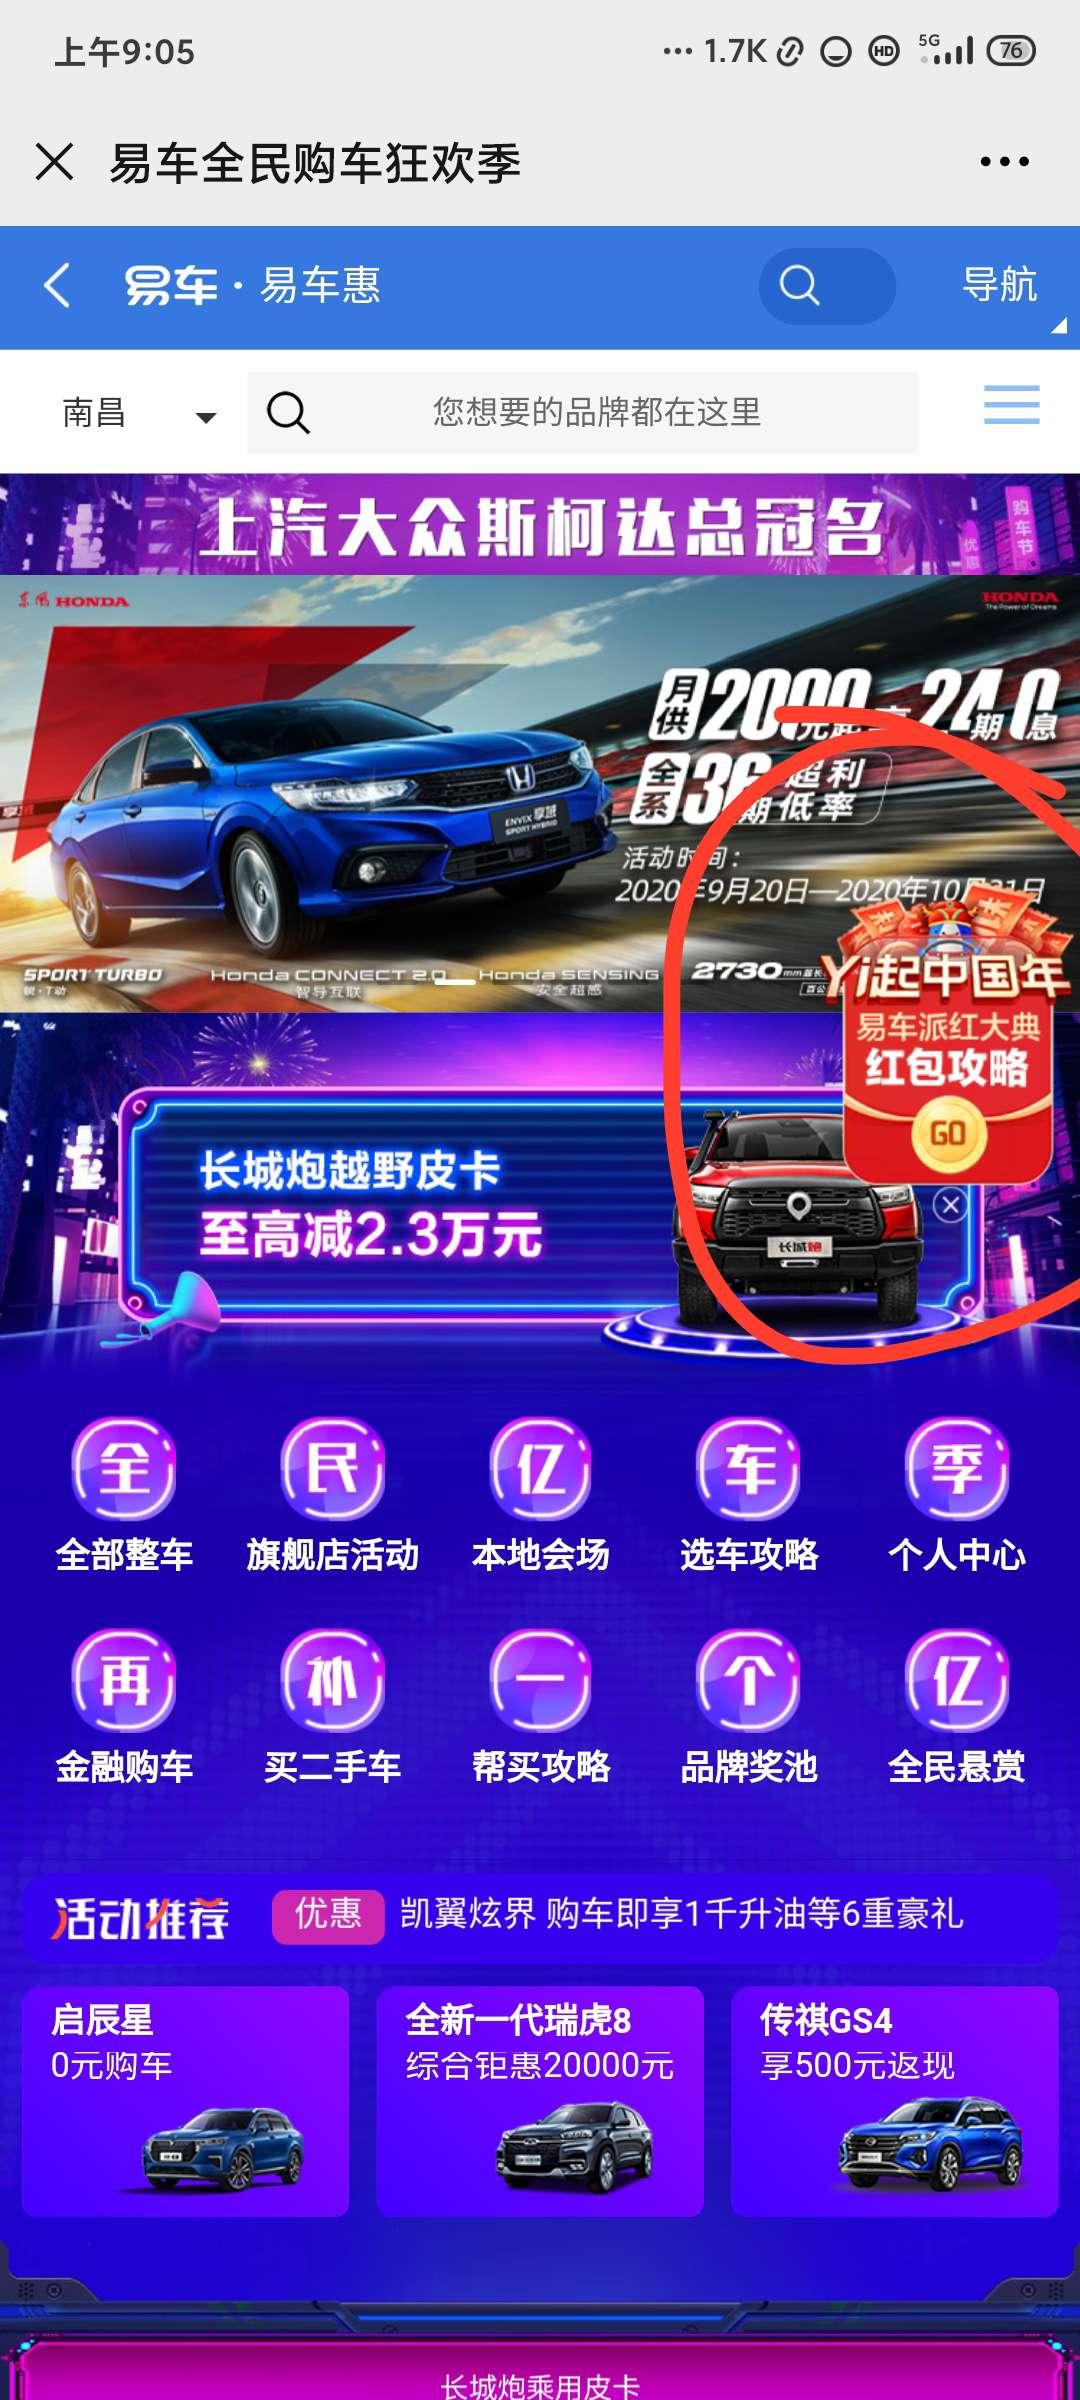 图片[3]-易车优惠精选玩游戏抽红包-老友薅羊毛活动线报网